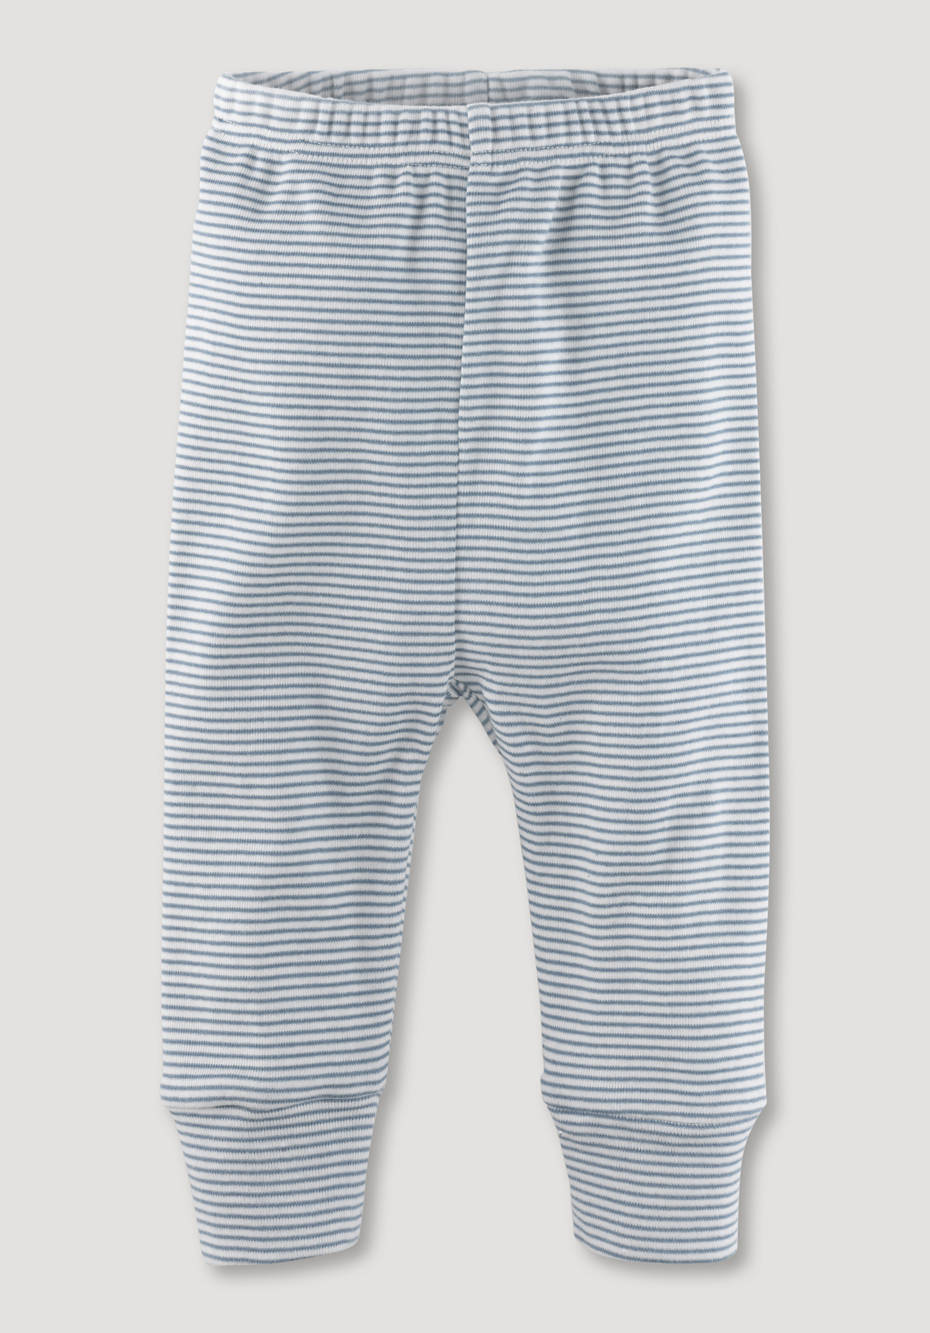 Pajamas made from pure organic cotton